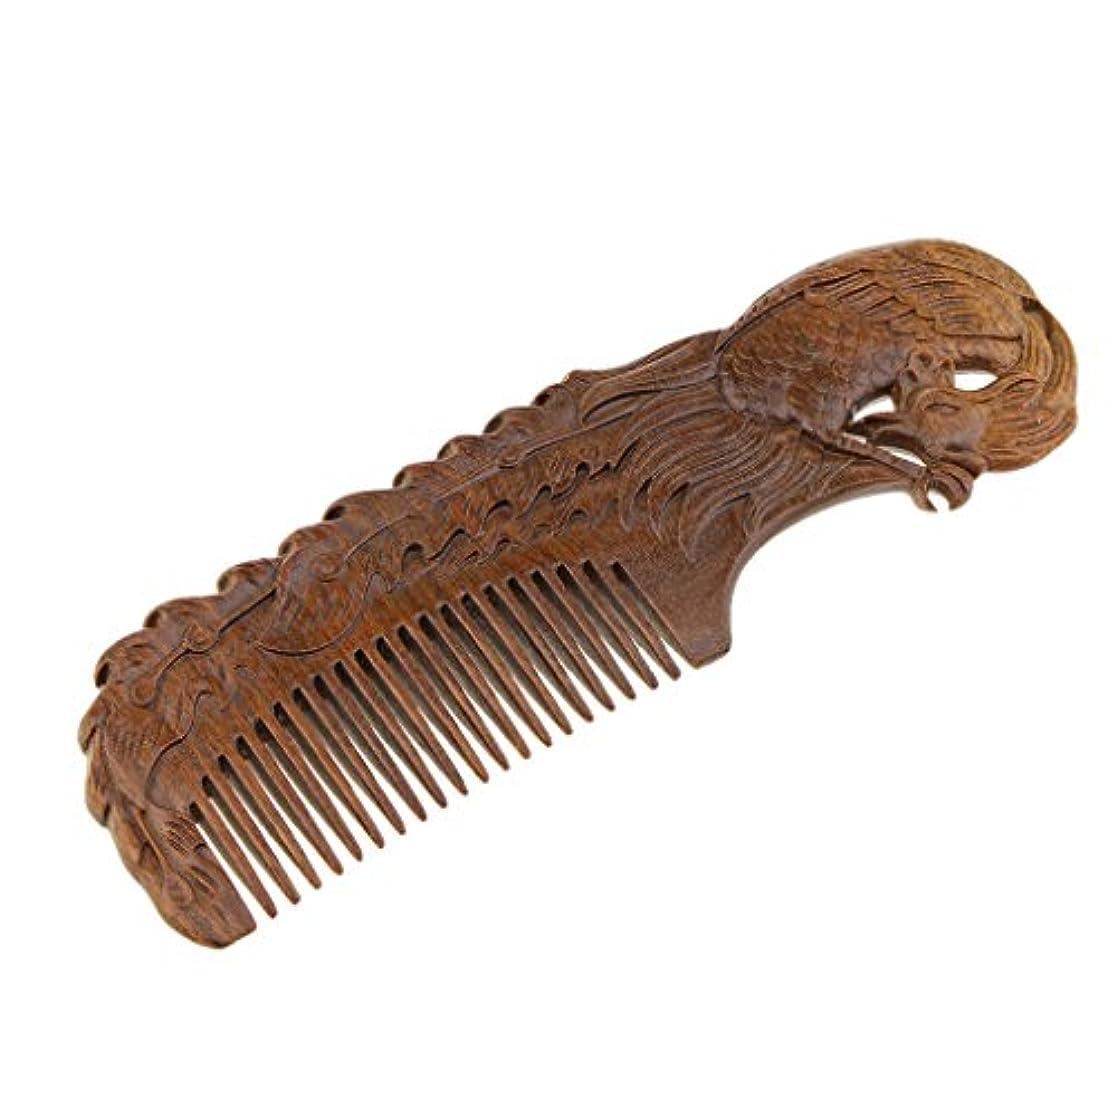 ブラインドかみそり中世のヘアブラシ ヘアコーム 木製櫛 コーム 伝統工芸品 プレゼント 2タイプ - Phoenix